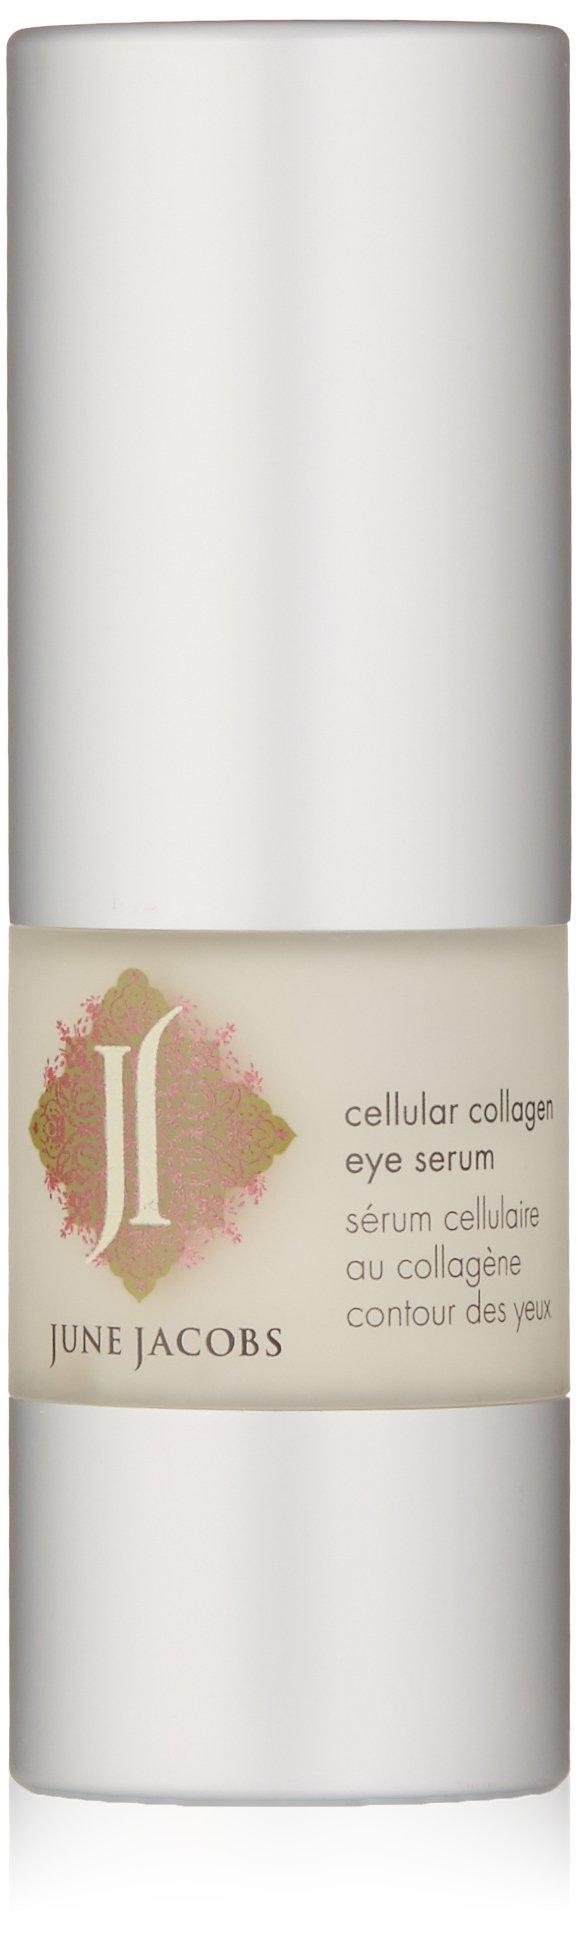 June Jacobs Cellular Collagen Eye Serum, 0.5 Fl Oz